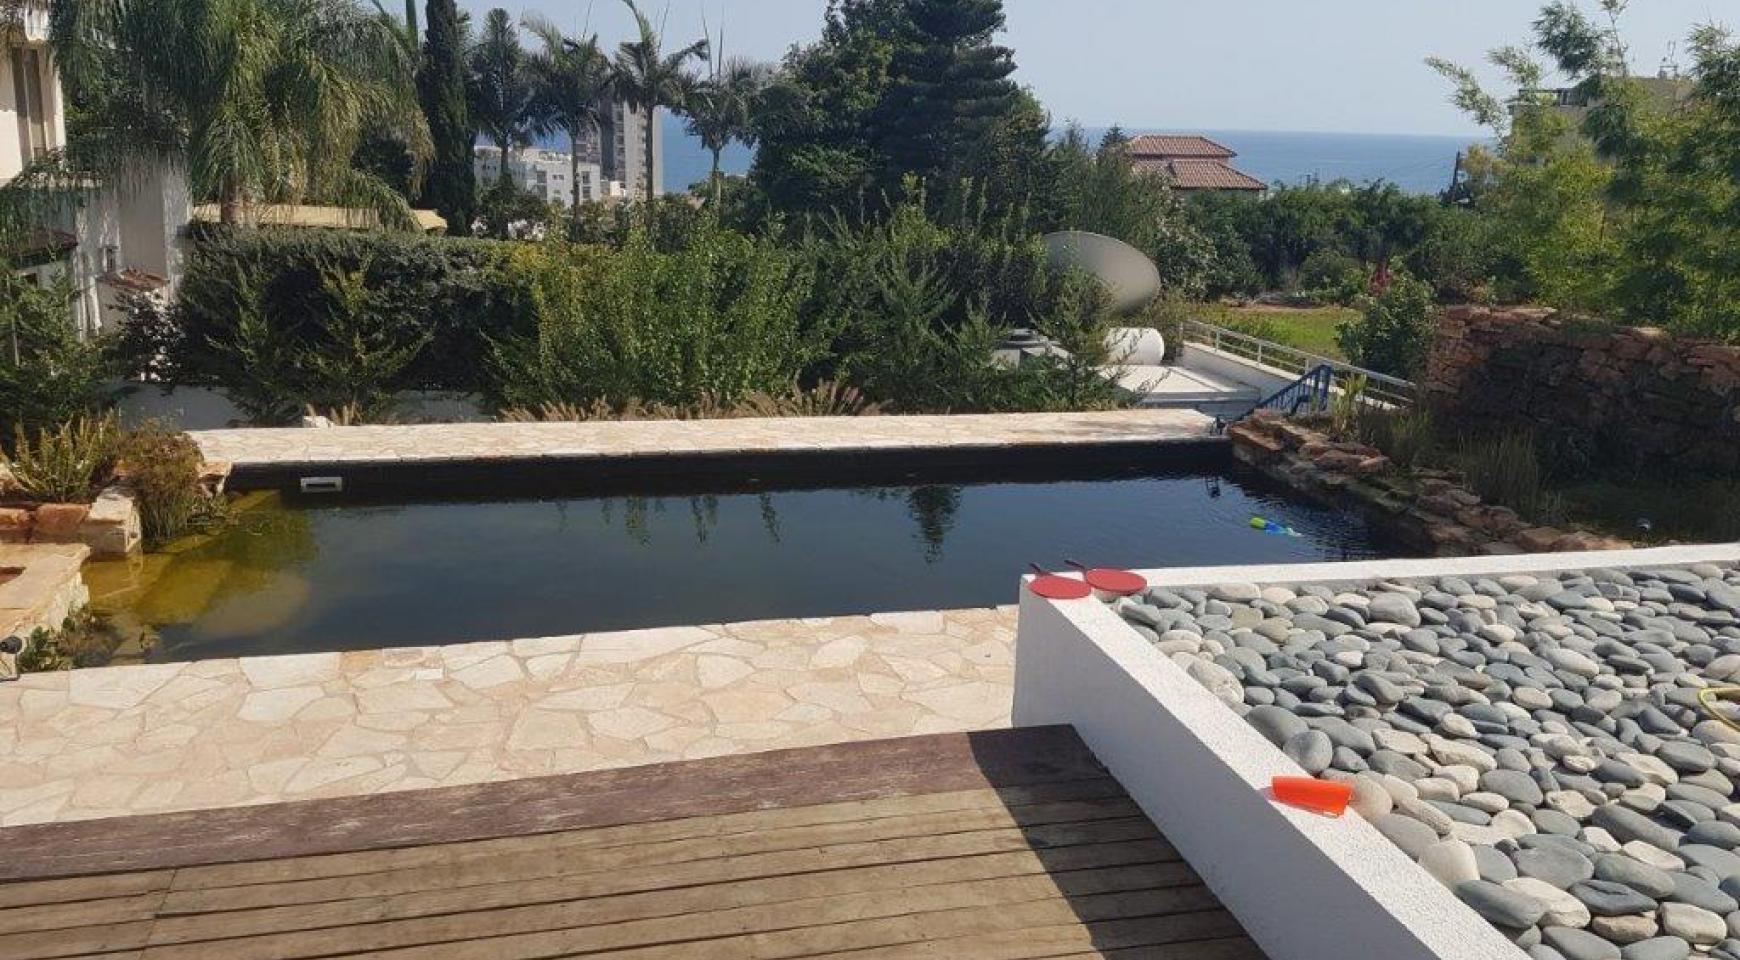 5 Bedroom Villa with Sea Views in Agios Tychonas Area - 8